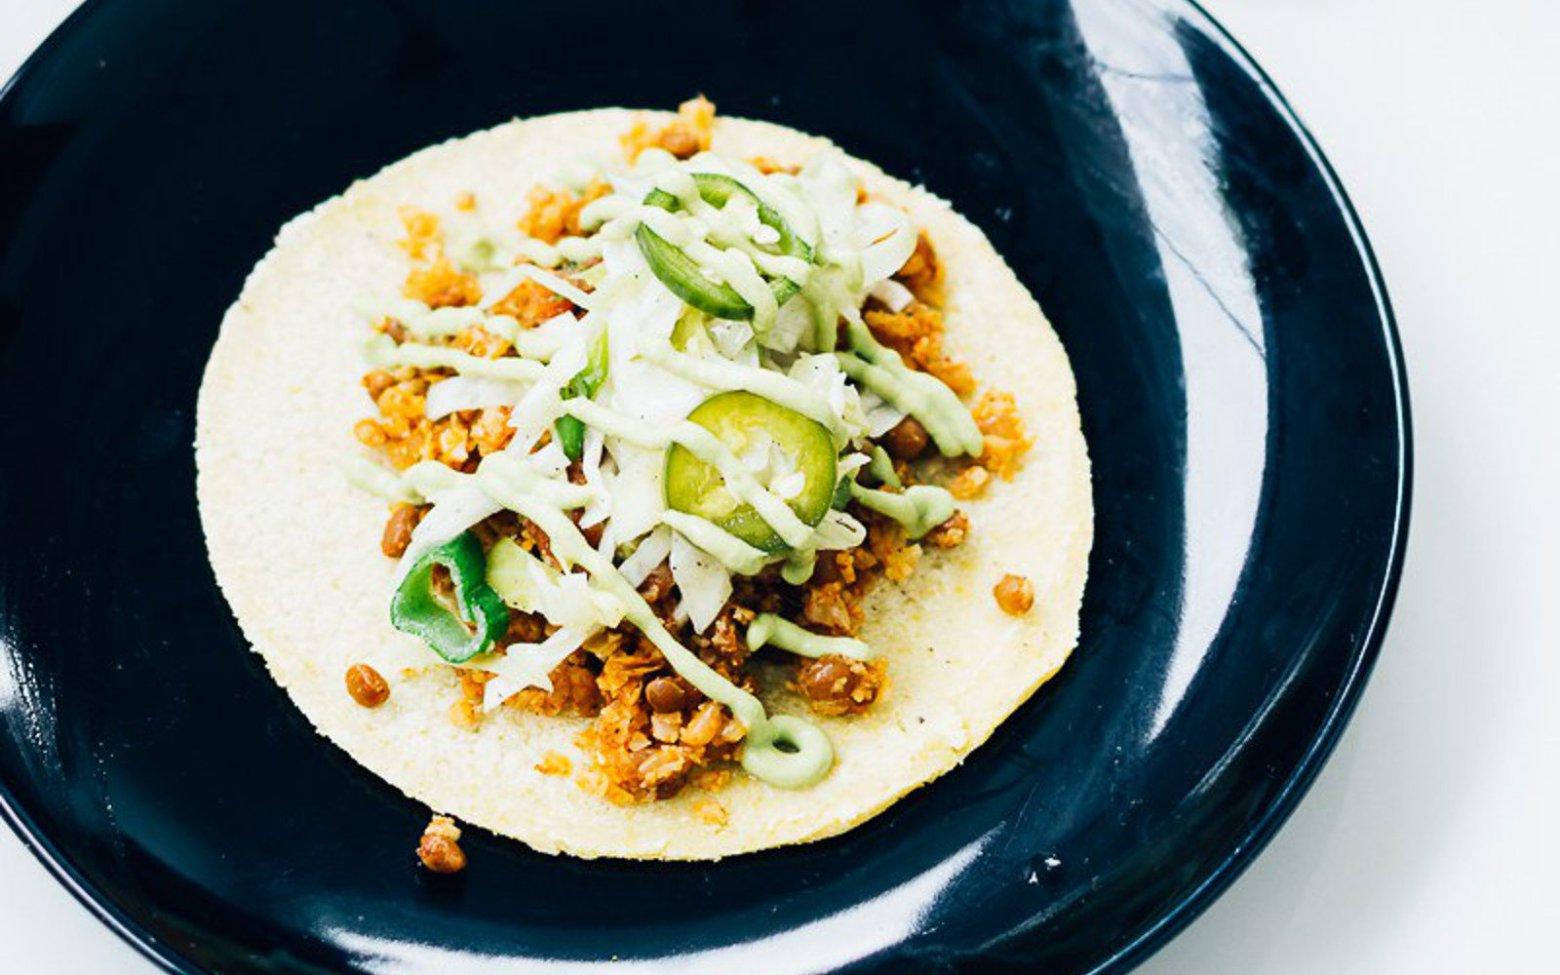 Vegan Spicy Cauliflower Lentil Tacos